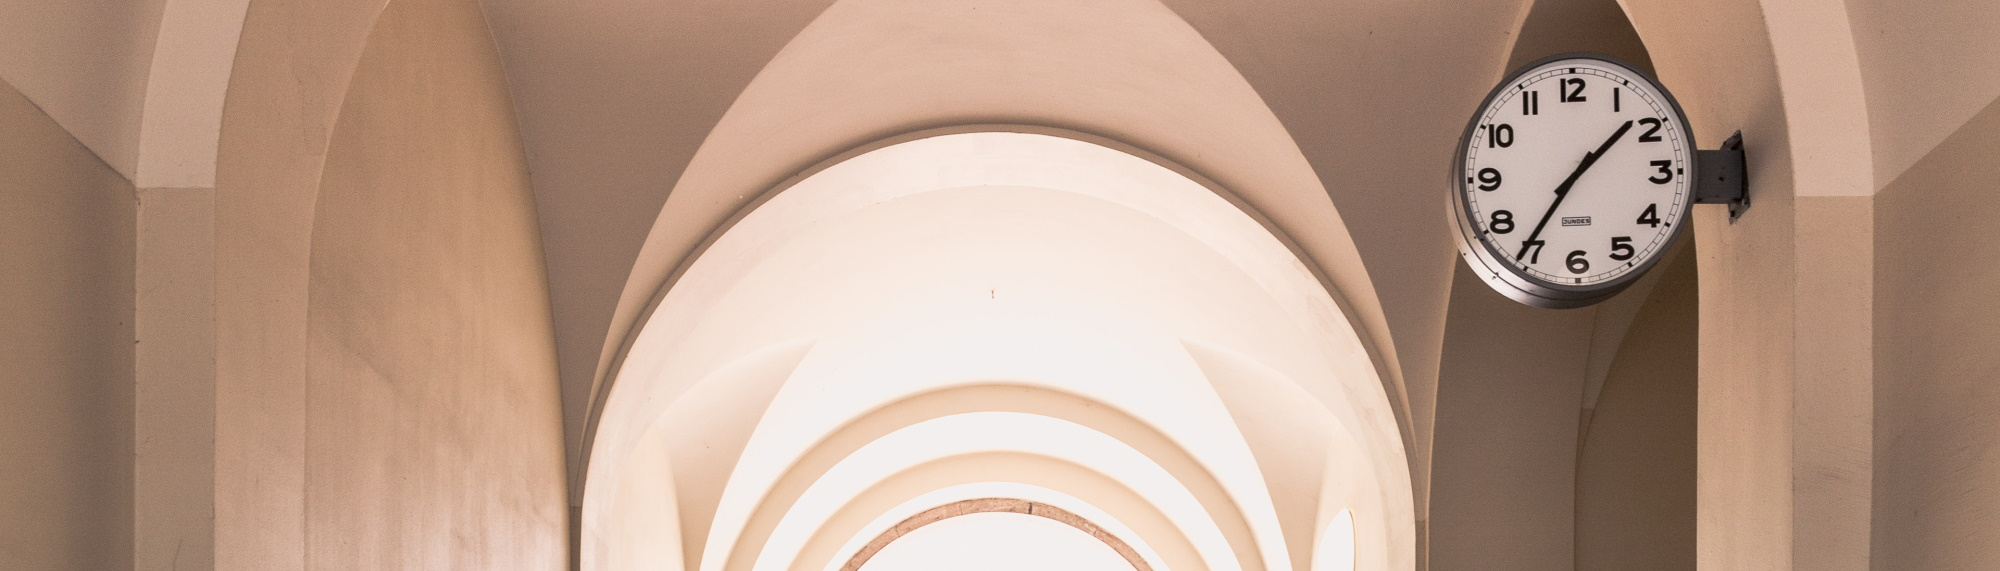 Monastère et horloge - Photo par Marten Bjork (unsplash.com)